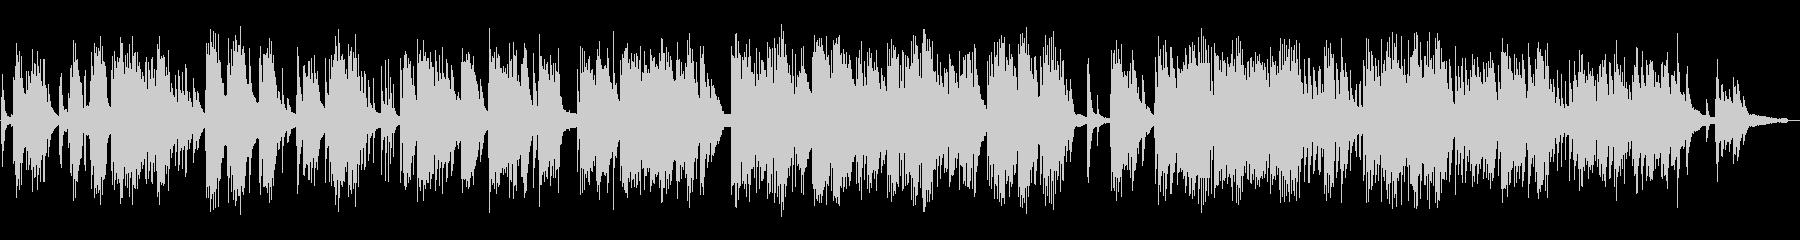 静かなピアノの未再生の波形